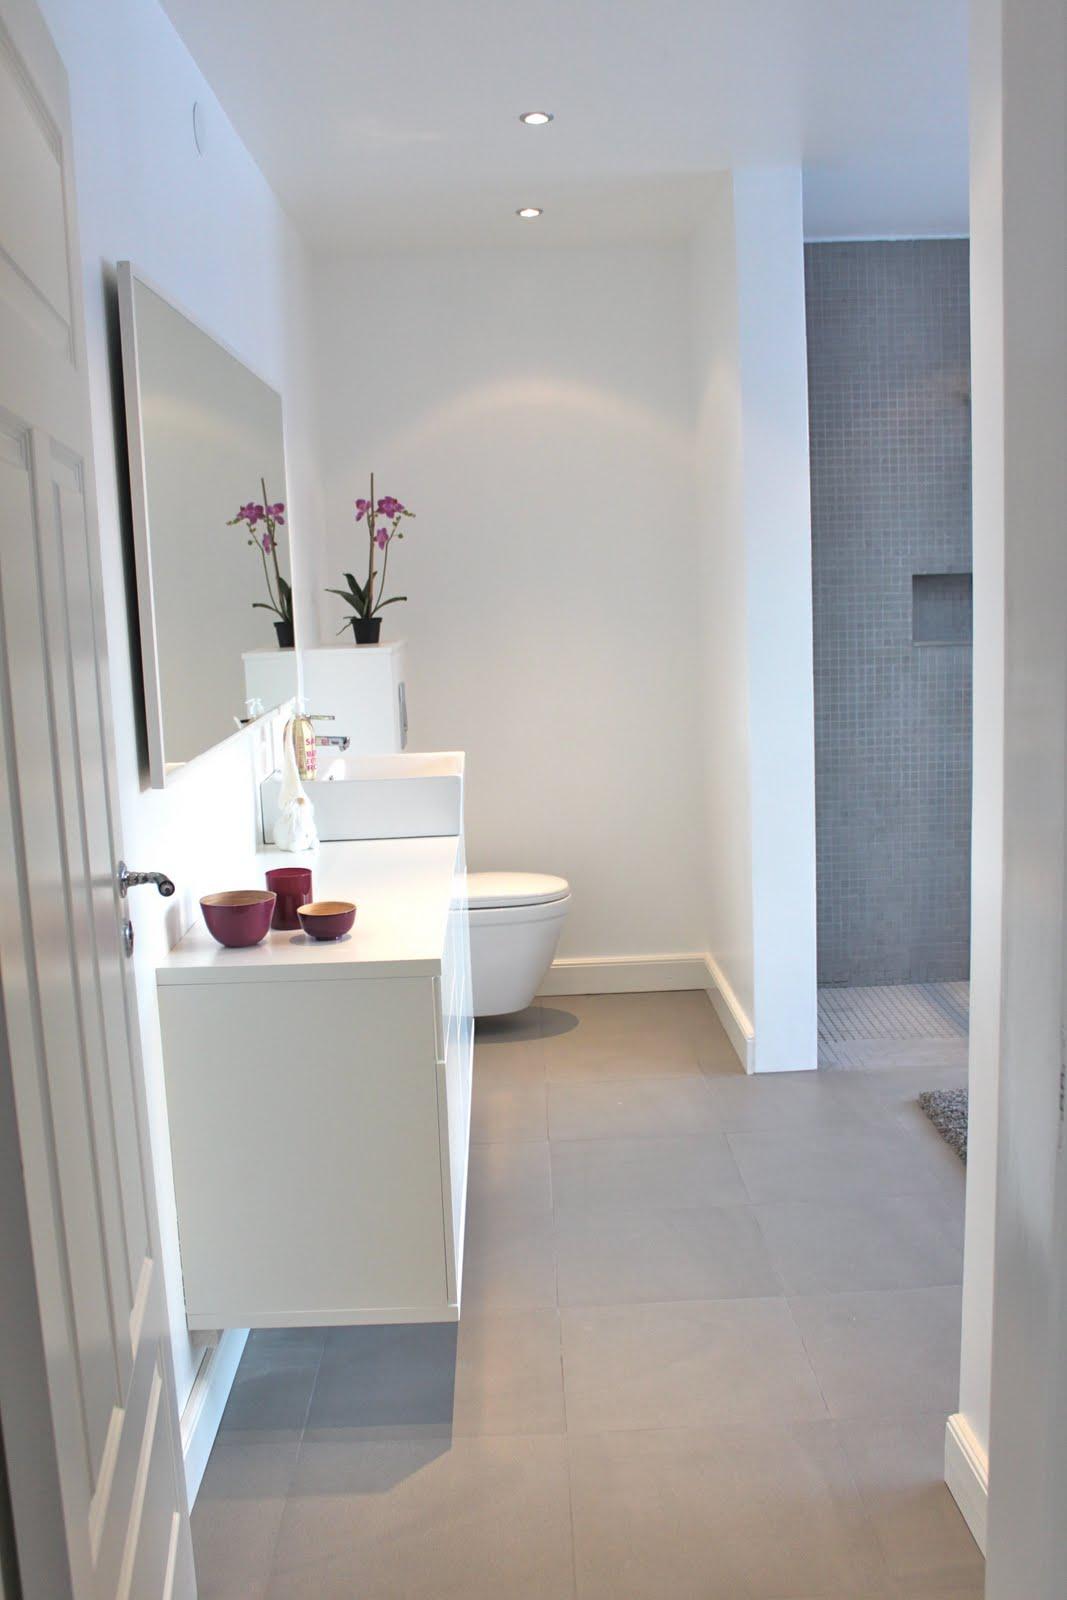 It's a house   en av sveriges största inredningsbloggar: vårt badrum!